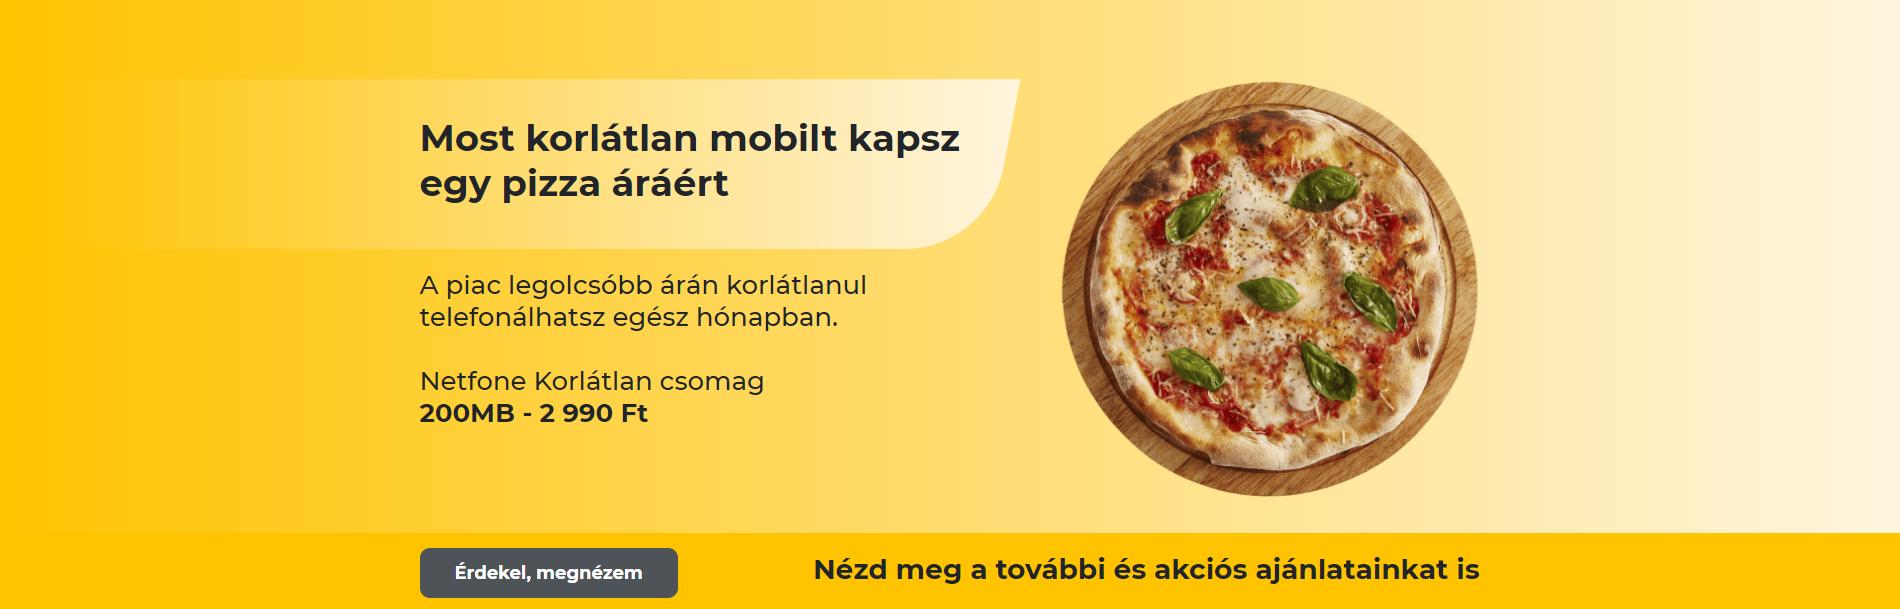 Most korlátlan mobilt kapsz egy pizza áráért!